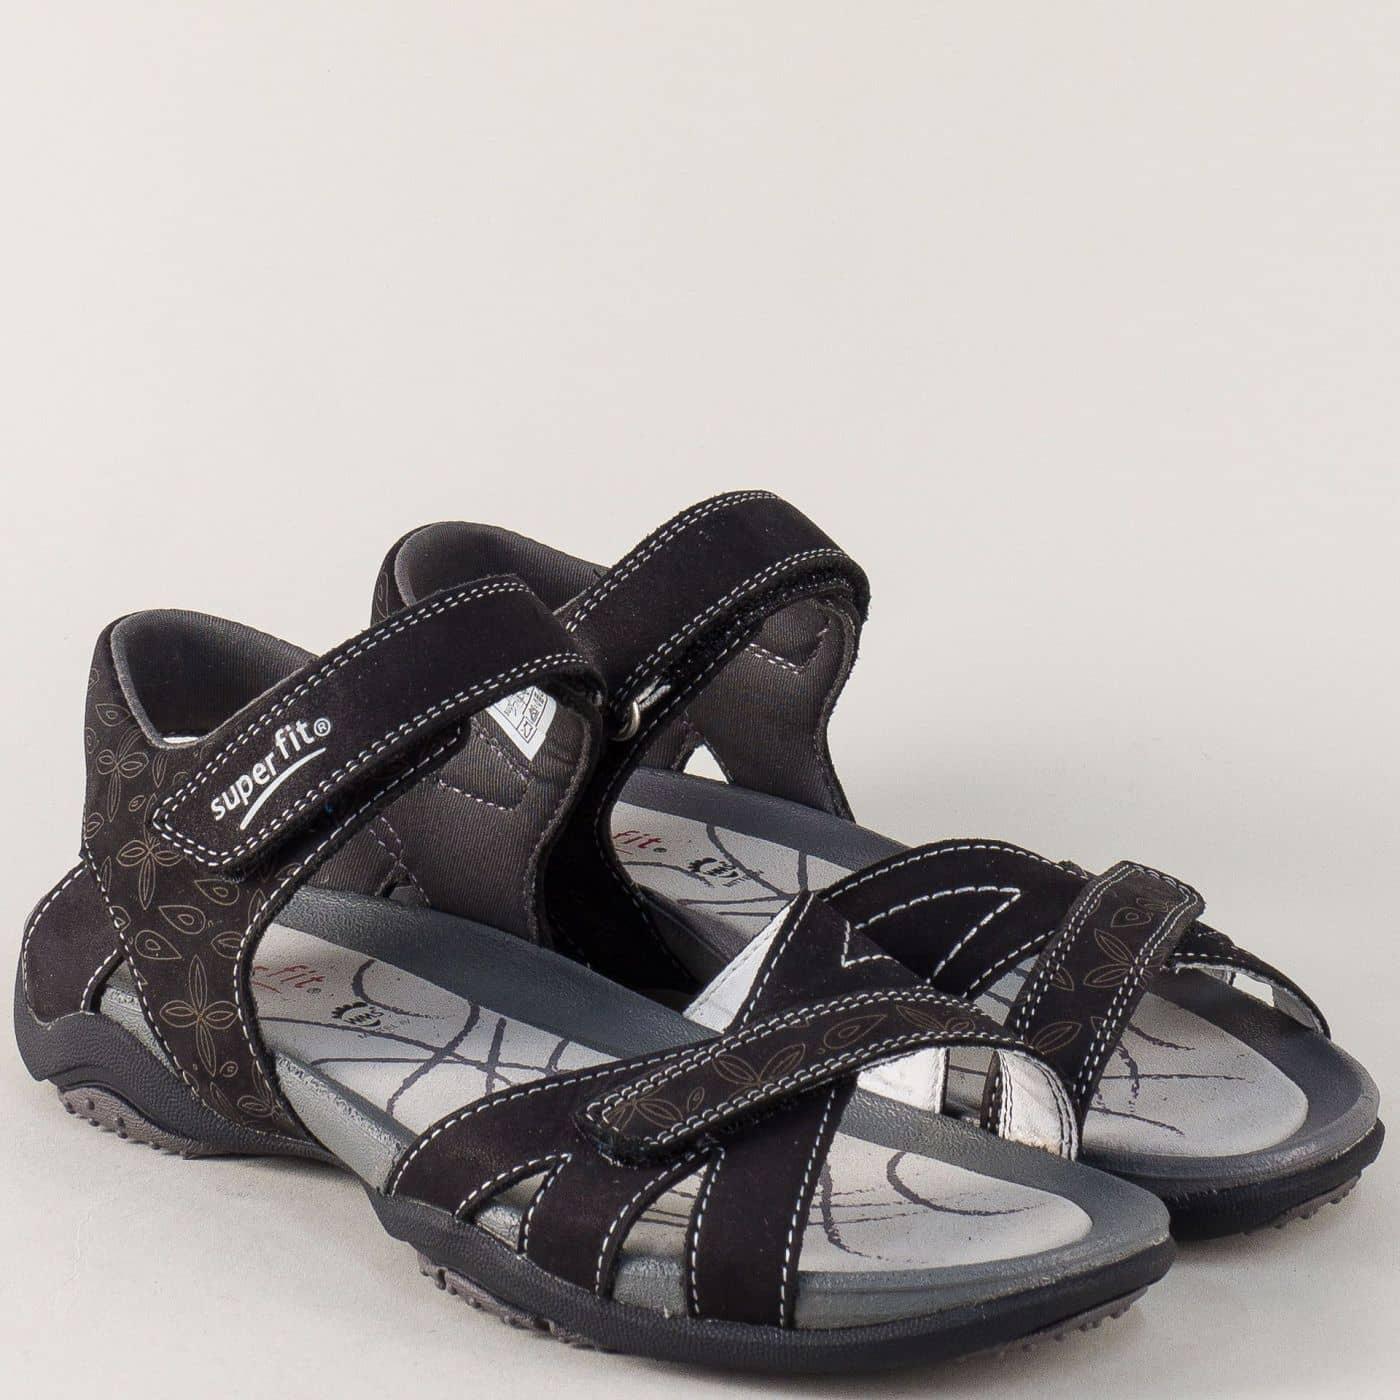 209a3bc9c50 Черни дамски сандали Super Fit на комфортно и равно ходило 15101ch - Zebra  1992